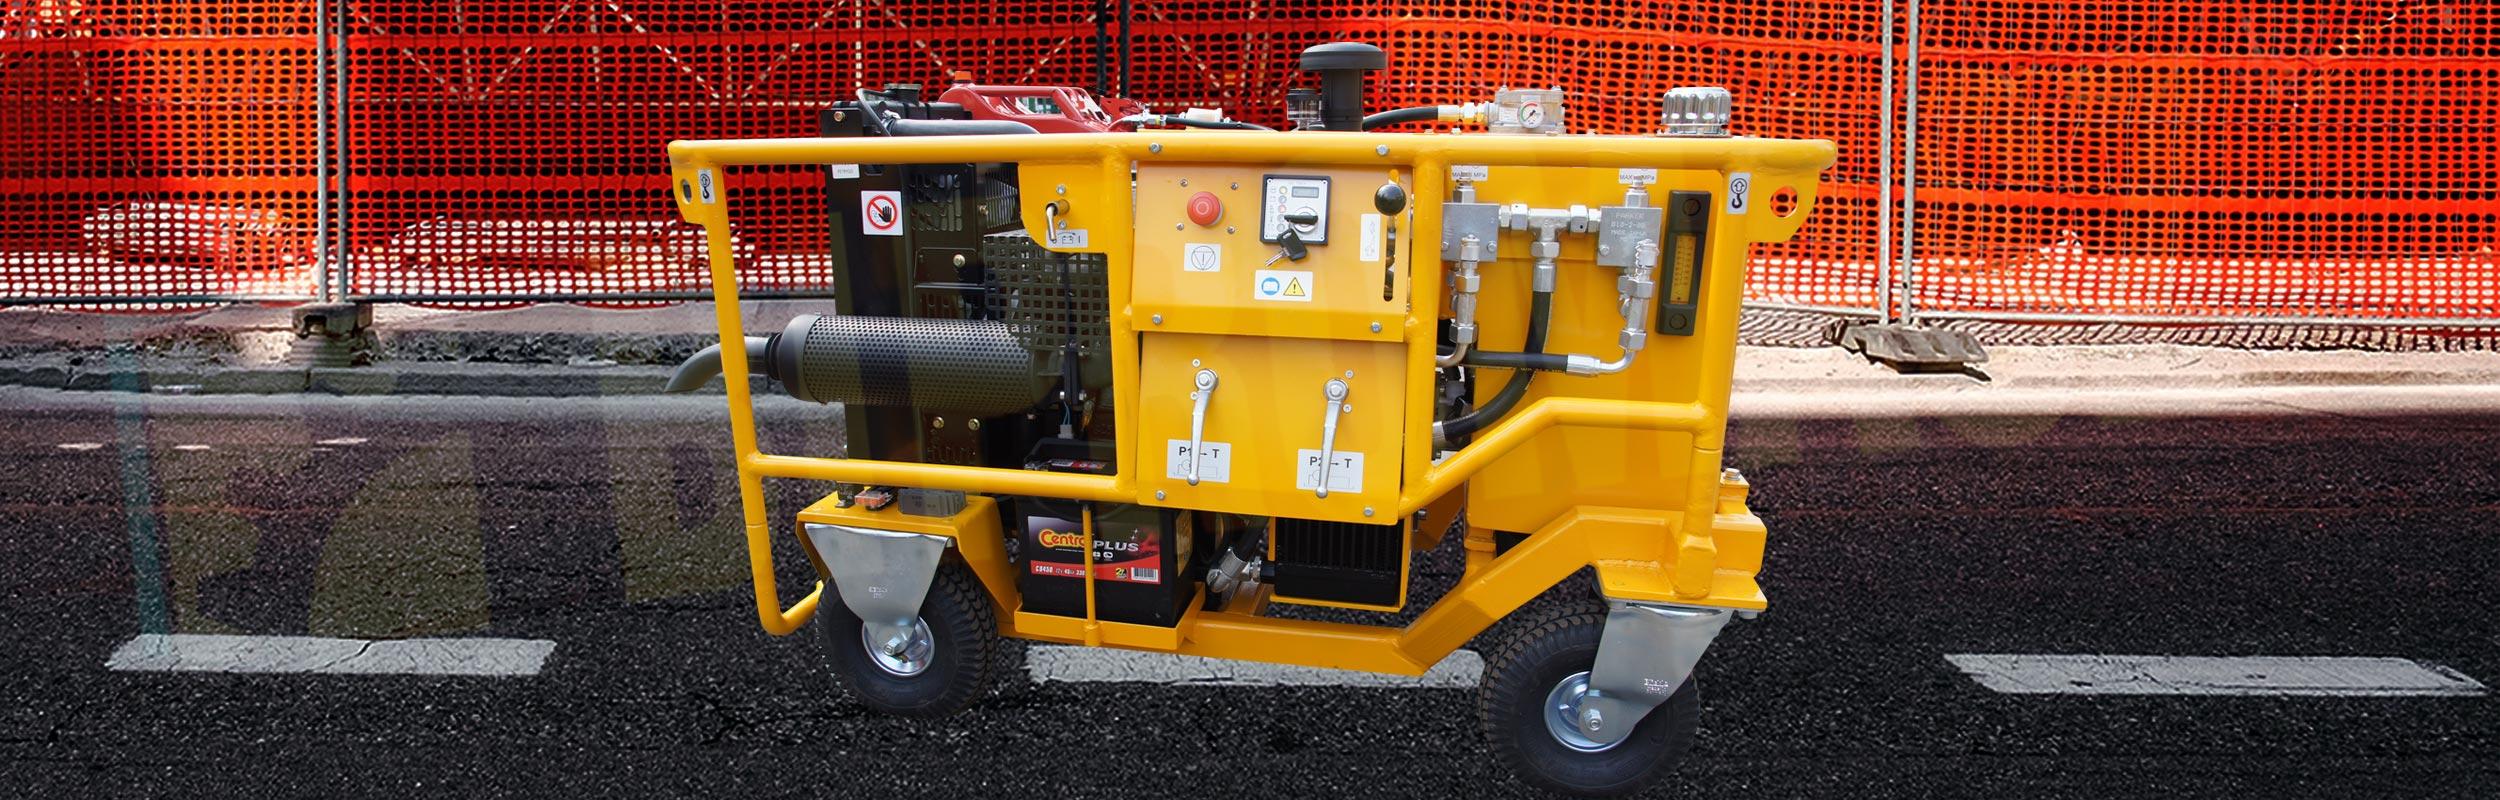 Hydrauliczny Agregat Spalinowy HAS-18 produkcji firmy Bipromasz